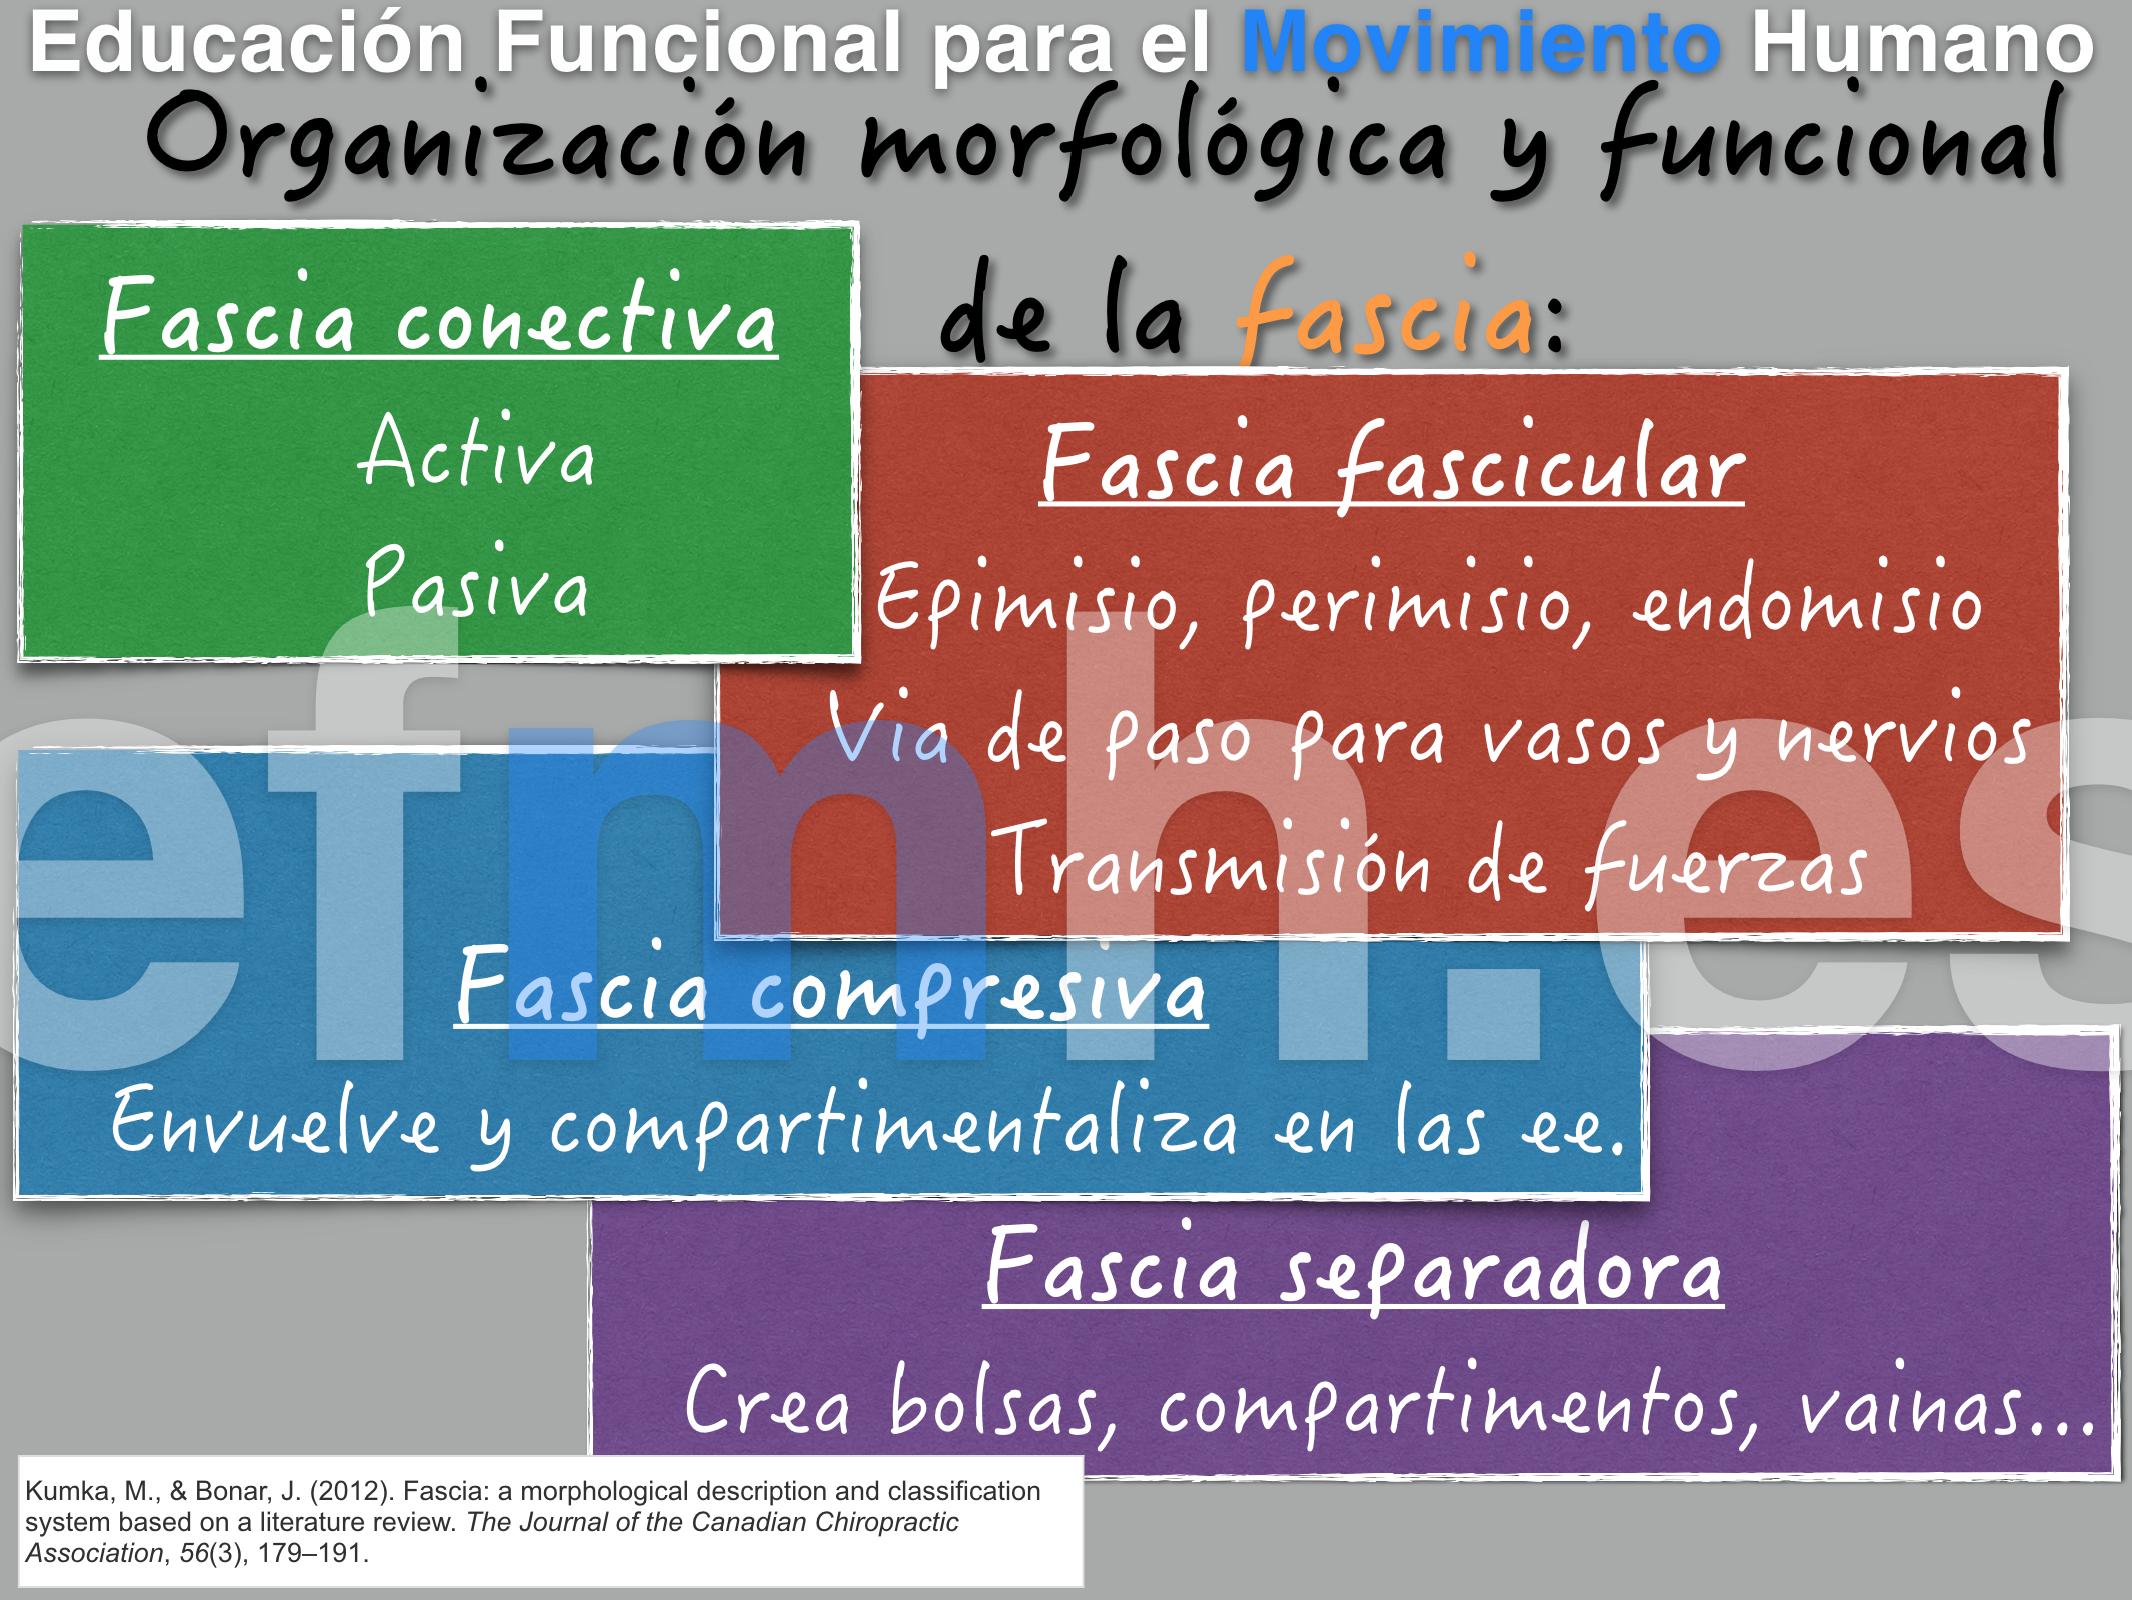 organización morfologica y funcional de la fascia